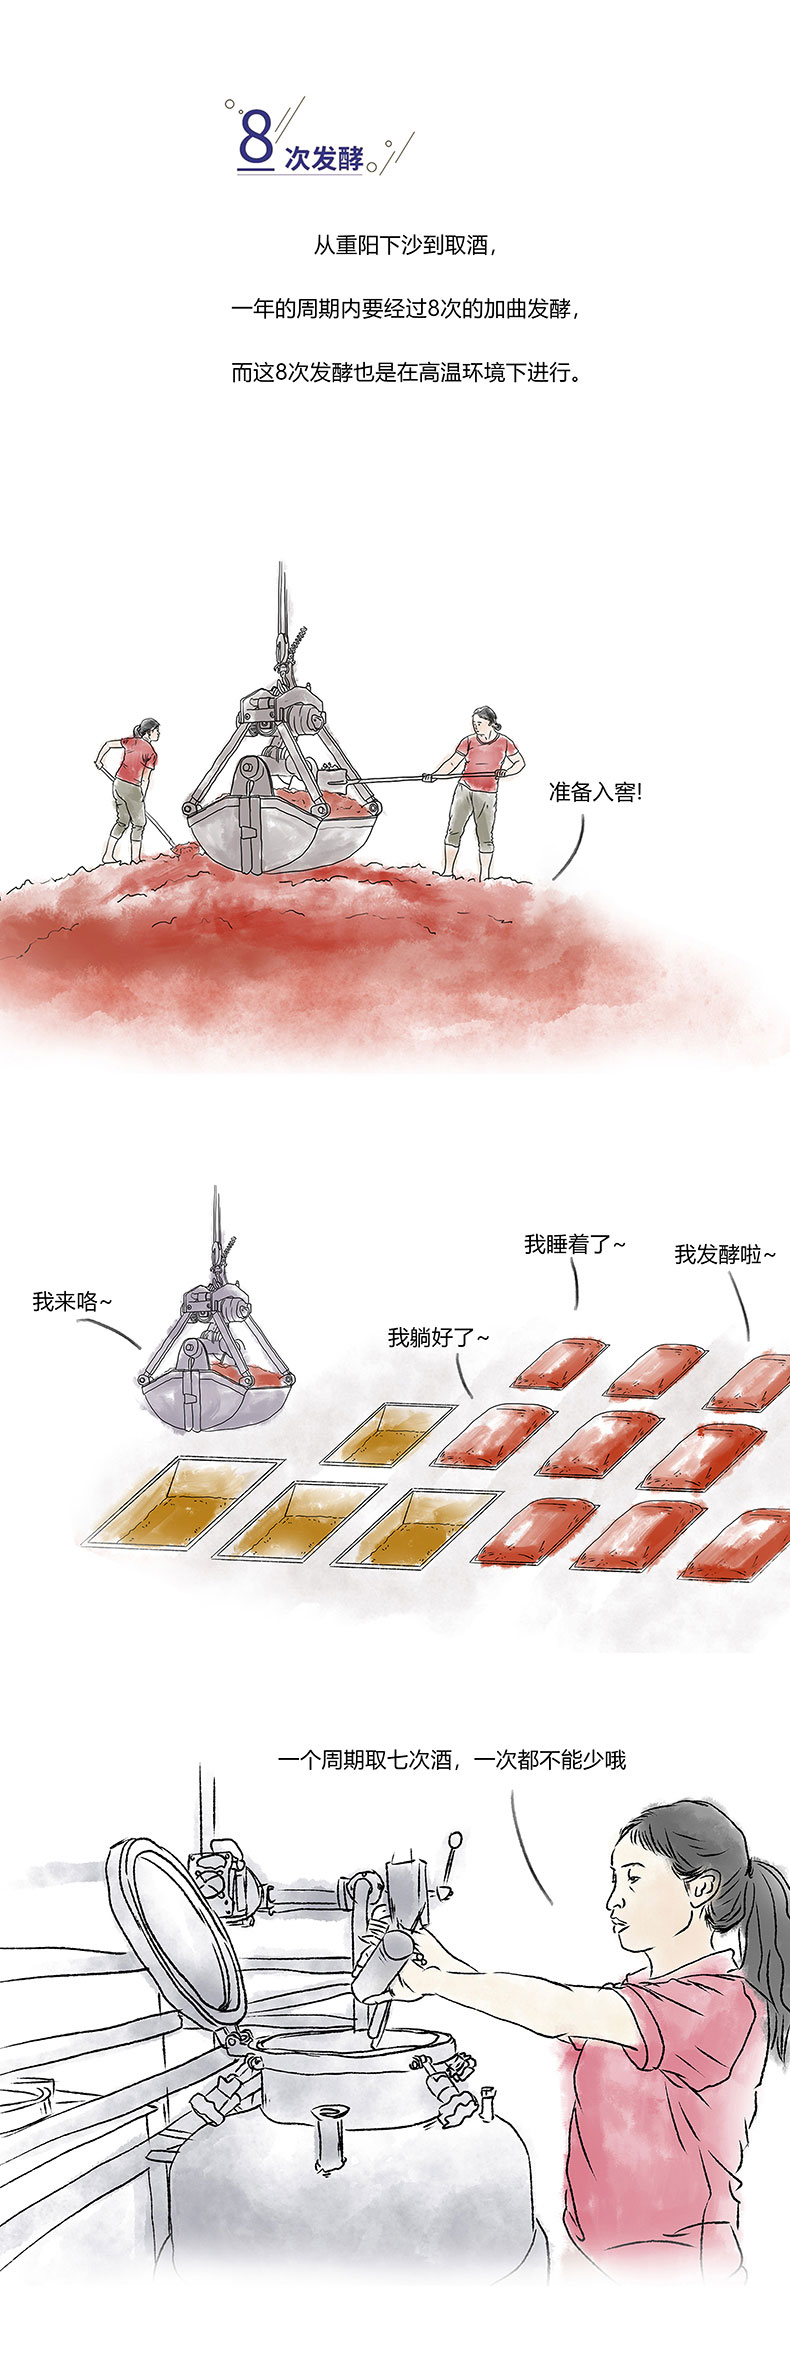 國臺國標酒 (12).jpg